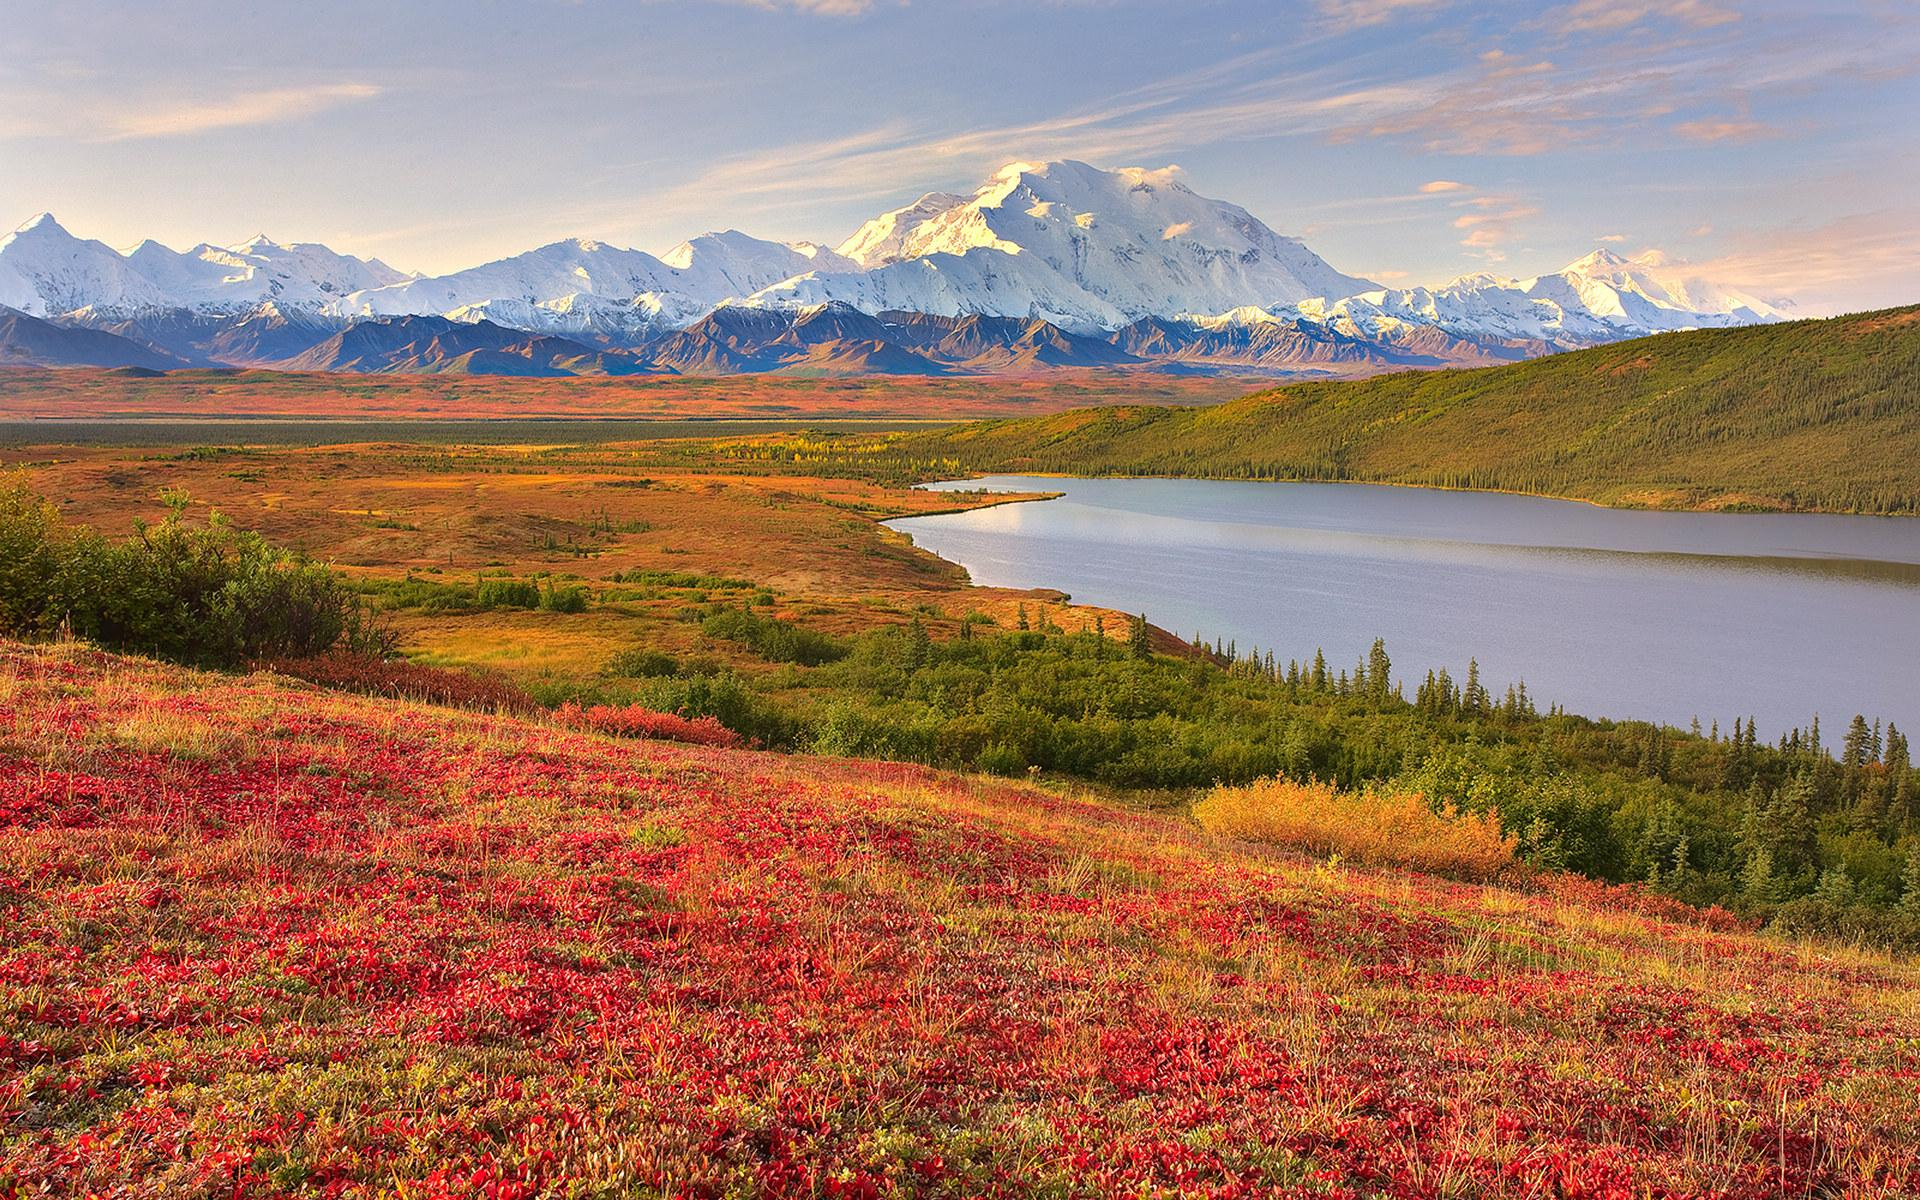 السياحة في ألاسكا بالولايات المتحدة الأمريكية